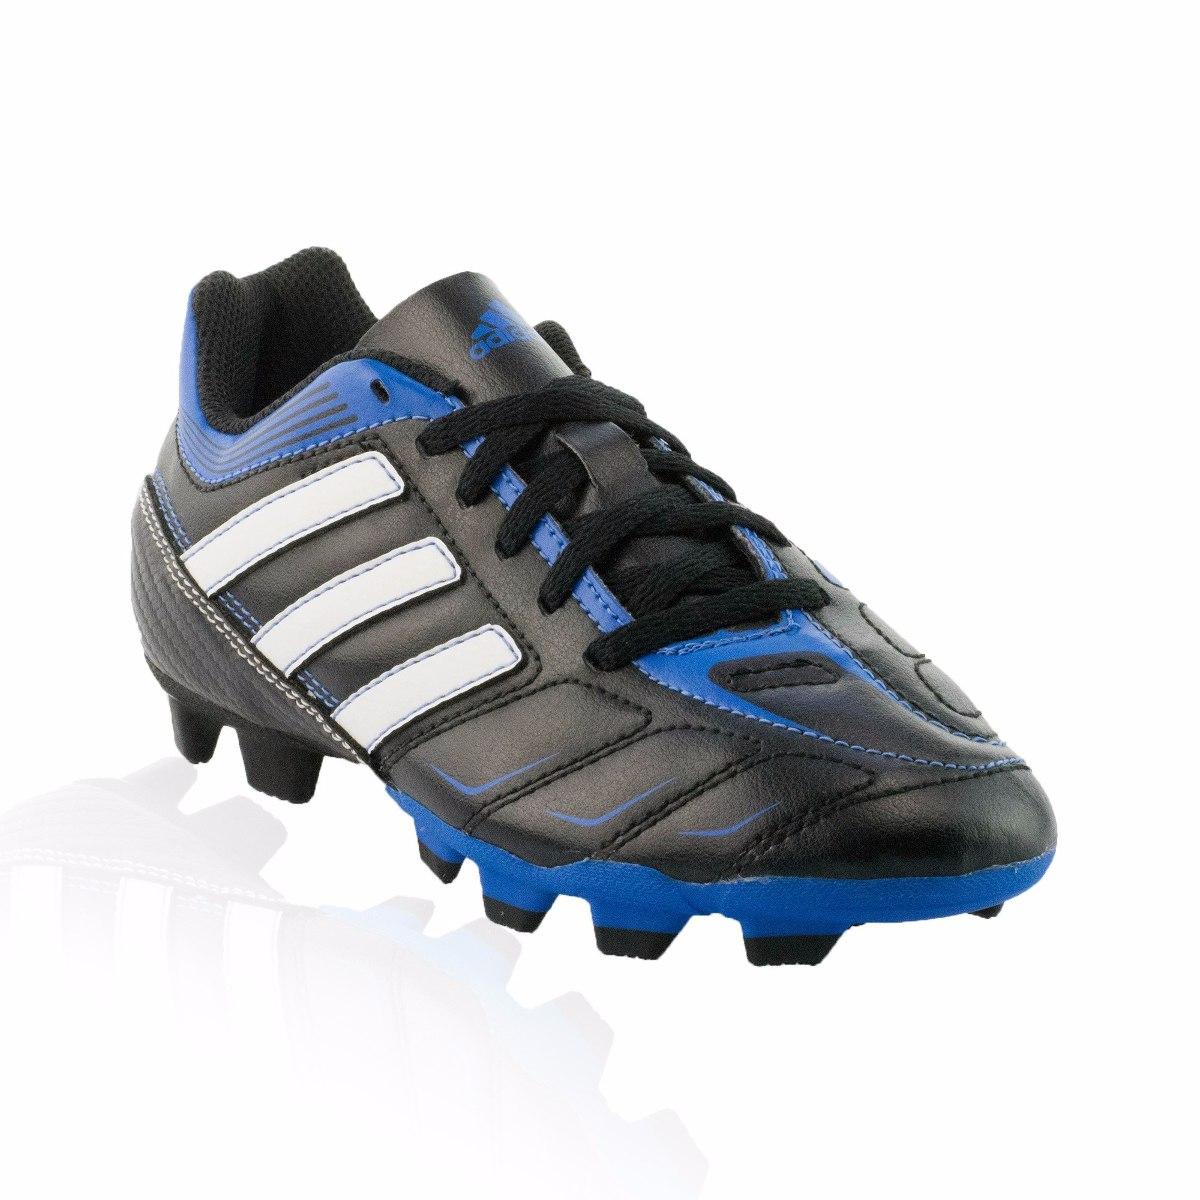 adidas futbol 11